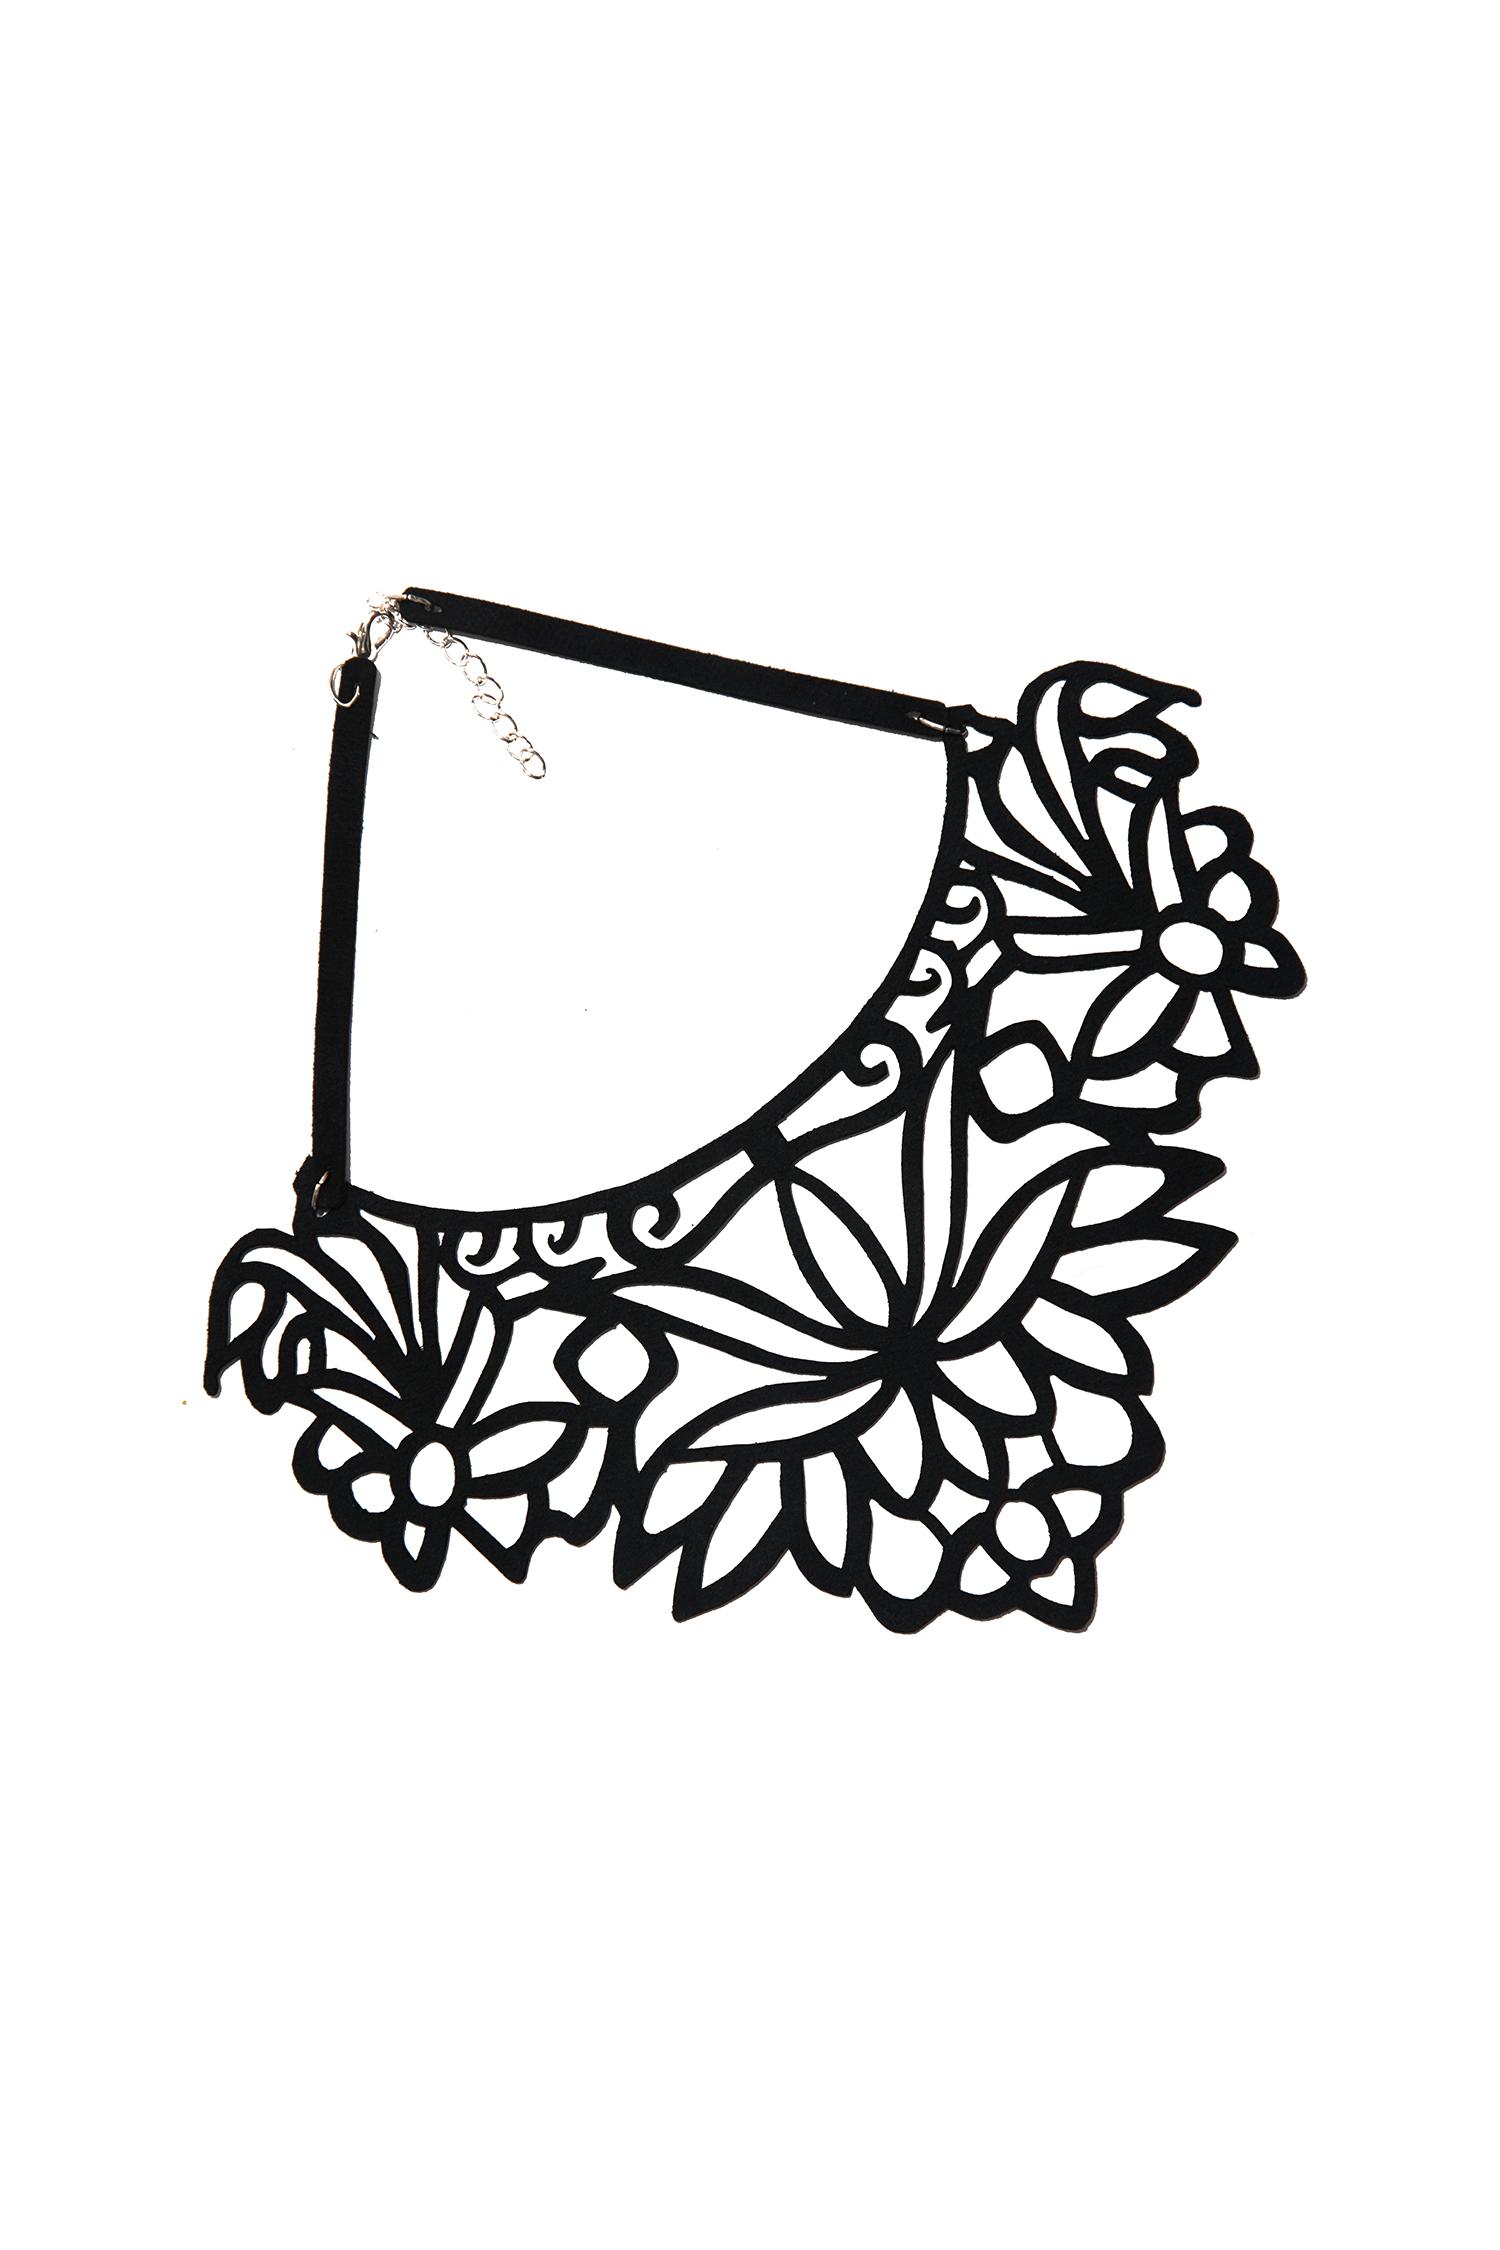 КольеОжерелья<br>Модное колье из кожи станет эффективным дополнением к вечернему платью, блузке или костюму.  Длина: 34 см, ширина: 10 см  Материал: эко-кожа, металлическая фурнитура  Цвет: черный<br><br>По материалу: Кожа<br>По стилю: Повседневный стиль<br>Размер : UNI<br>Материал: Искусственная кожа<br>Количество в наличии: 3